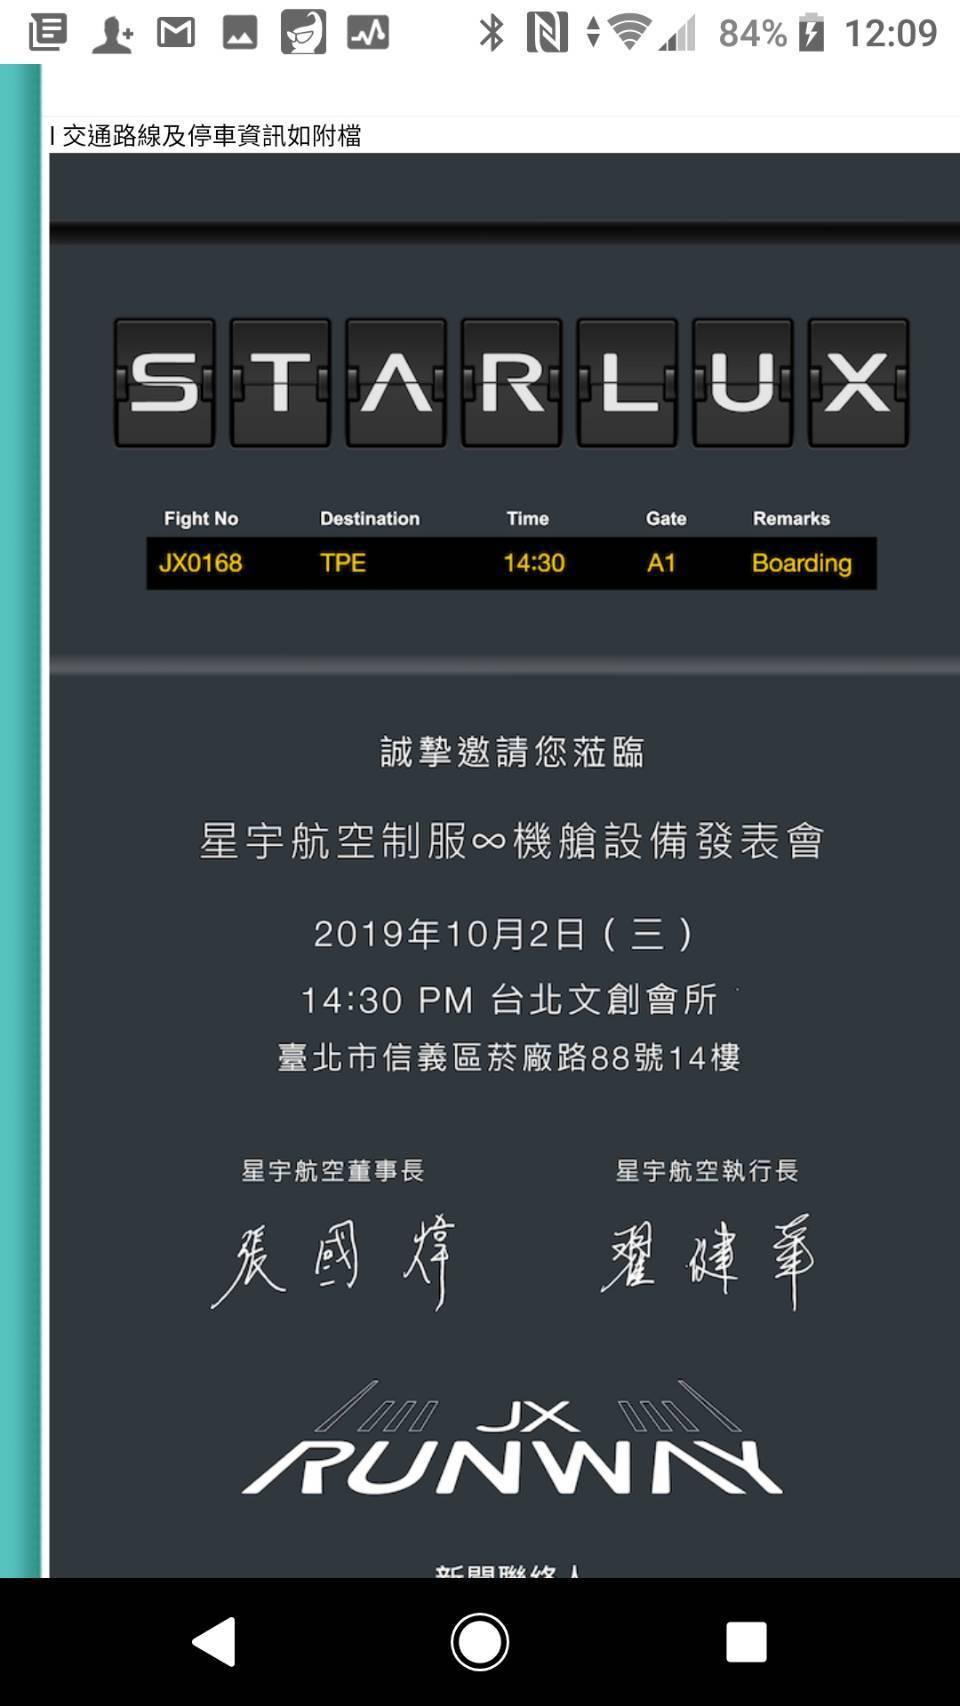 星宇航空全系列制服10月2日發表。 記者黃淑惠/翻攝